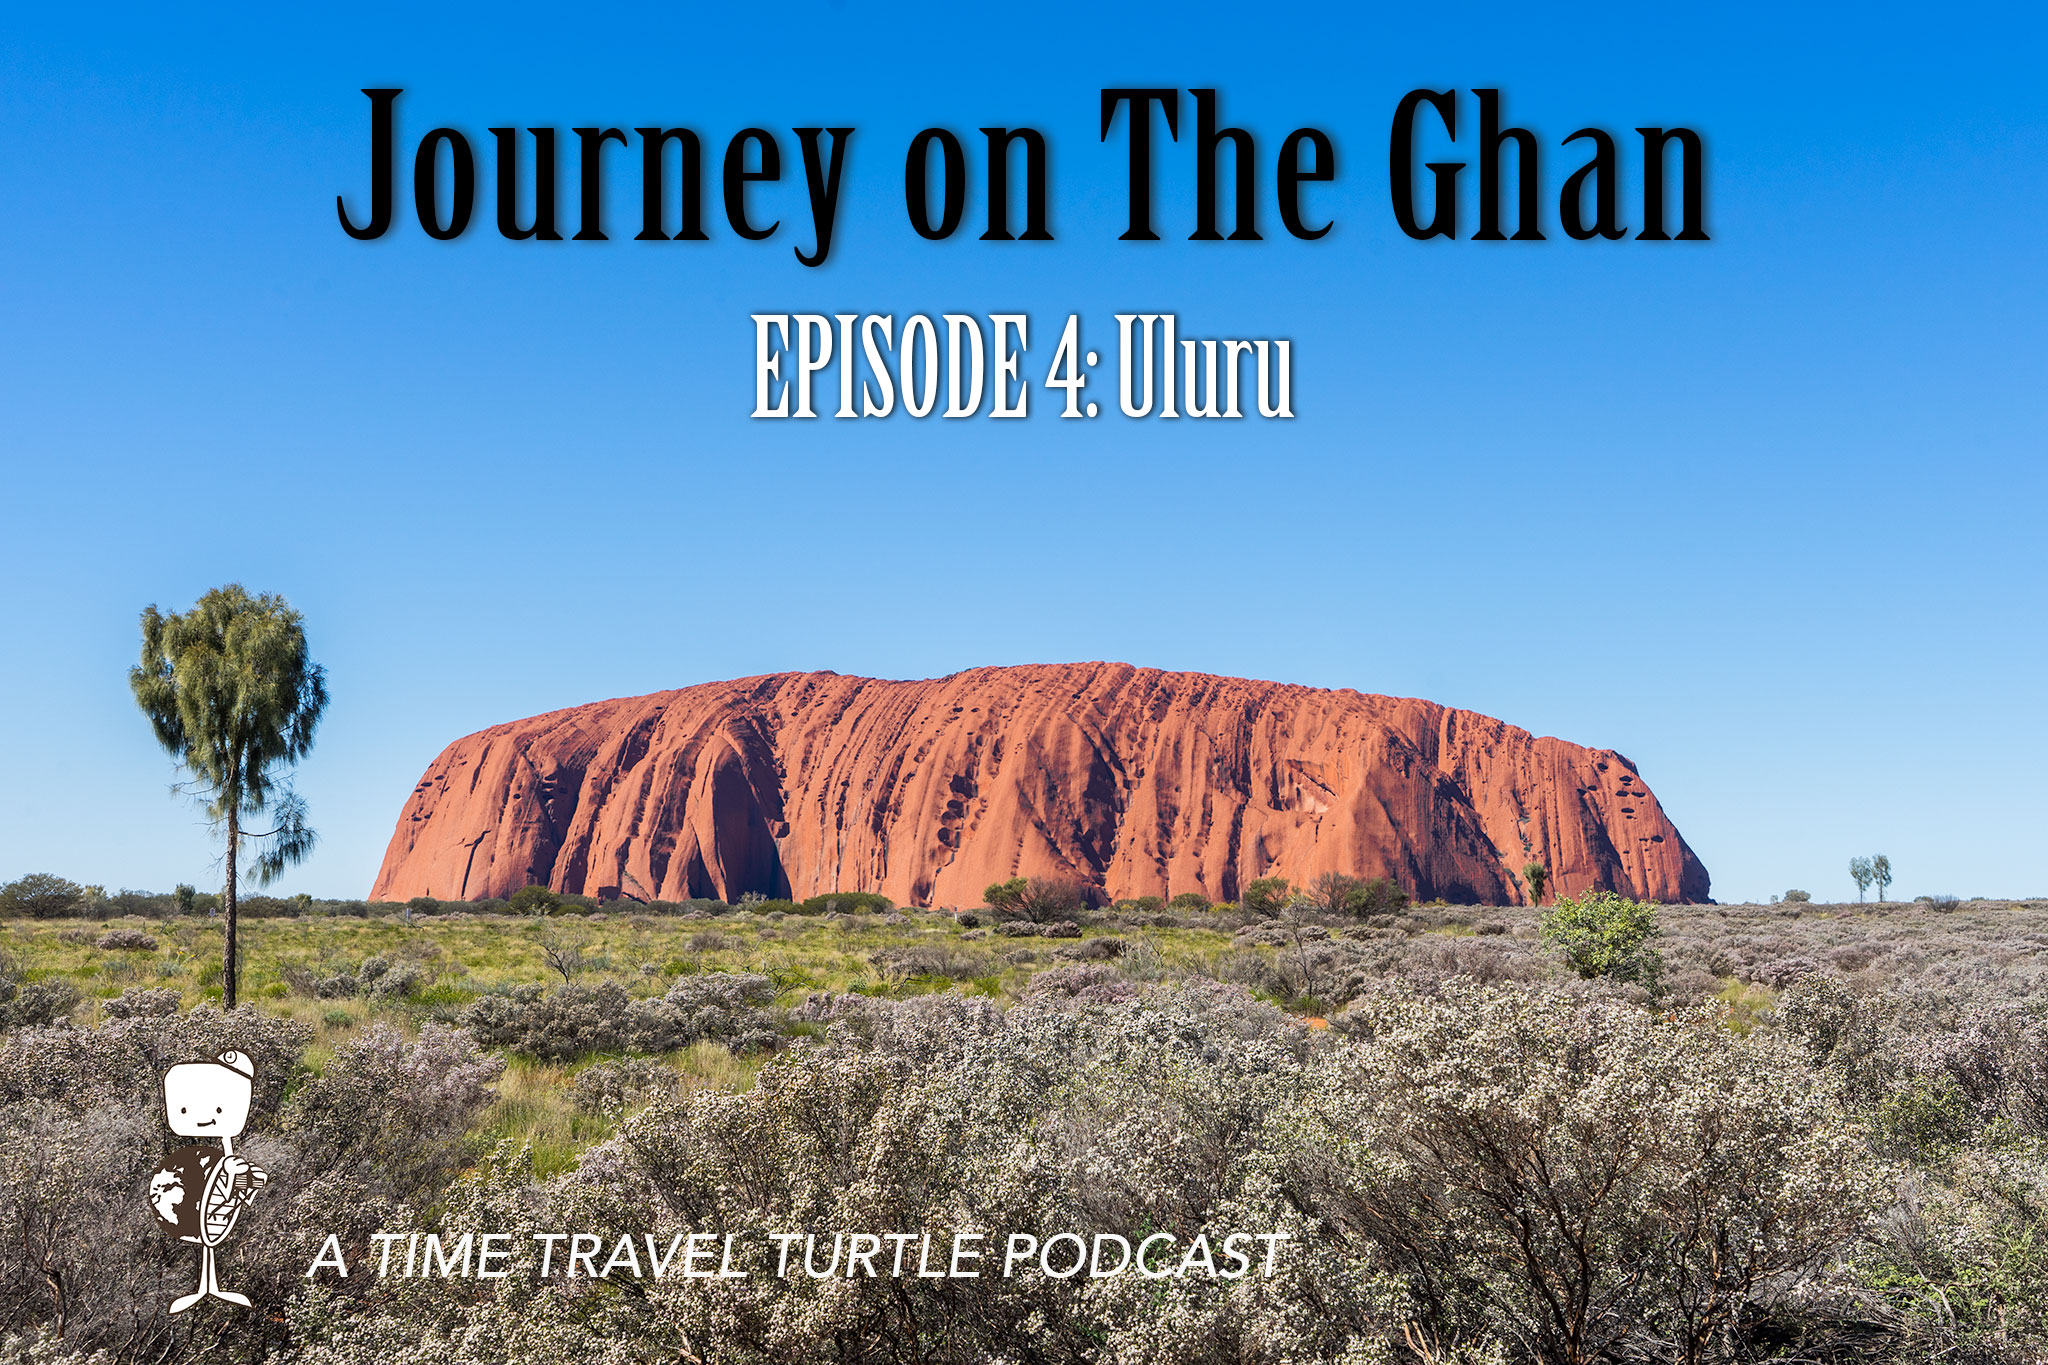 Episode 4: Uluru